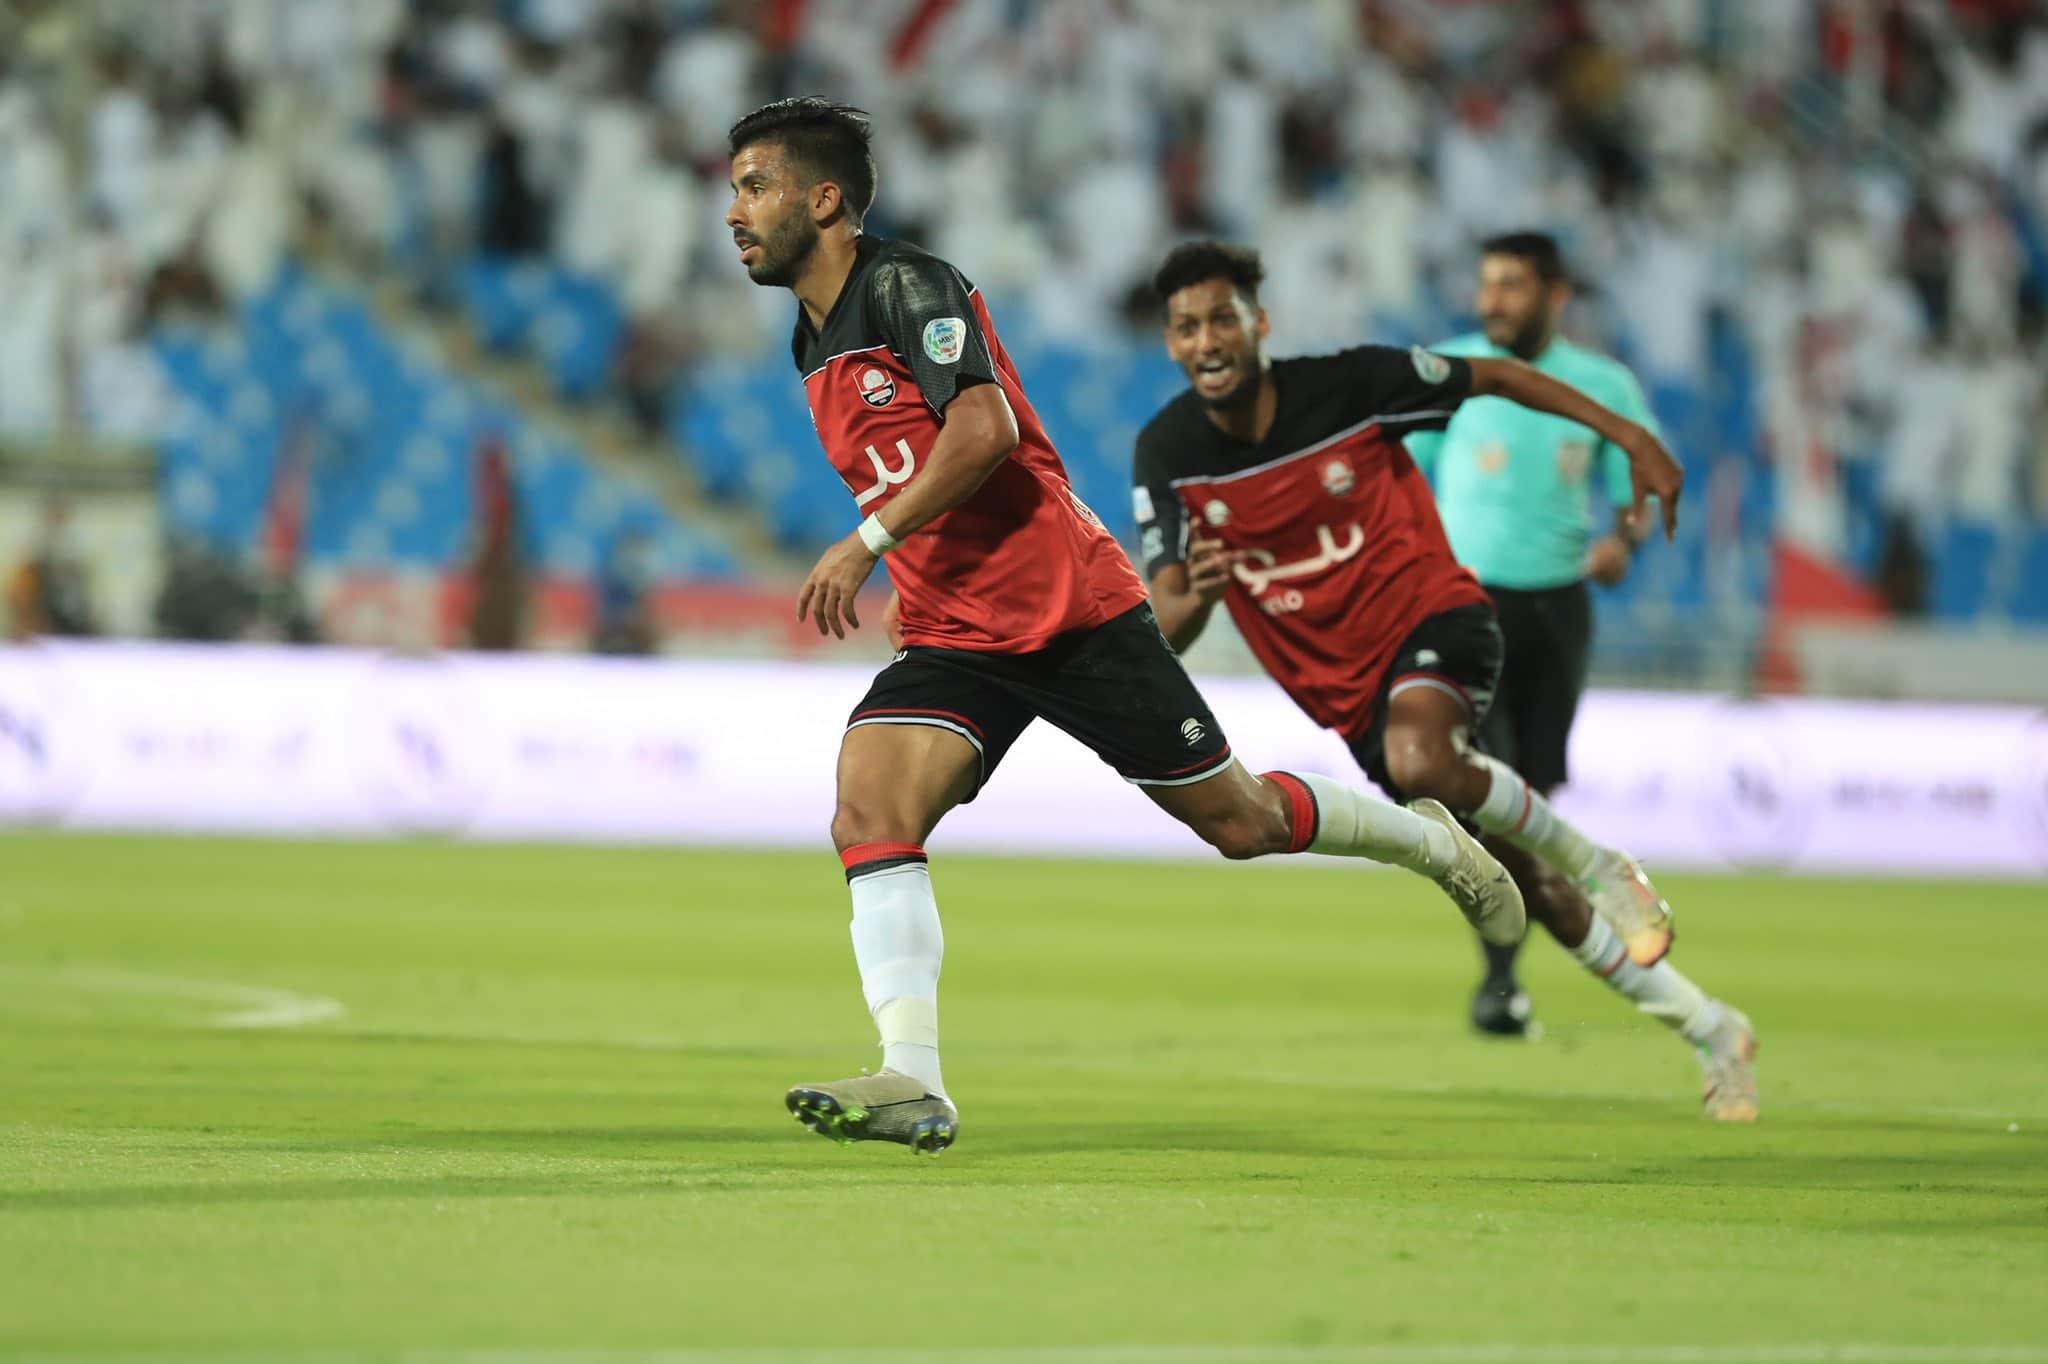 احتفال فريق الرائد السعودي بعد تسجيله أحد أهدافه في شباك منافسه التعاون في الدوري السعودي